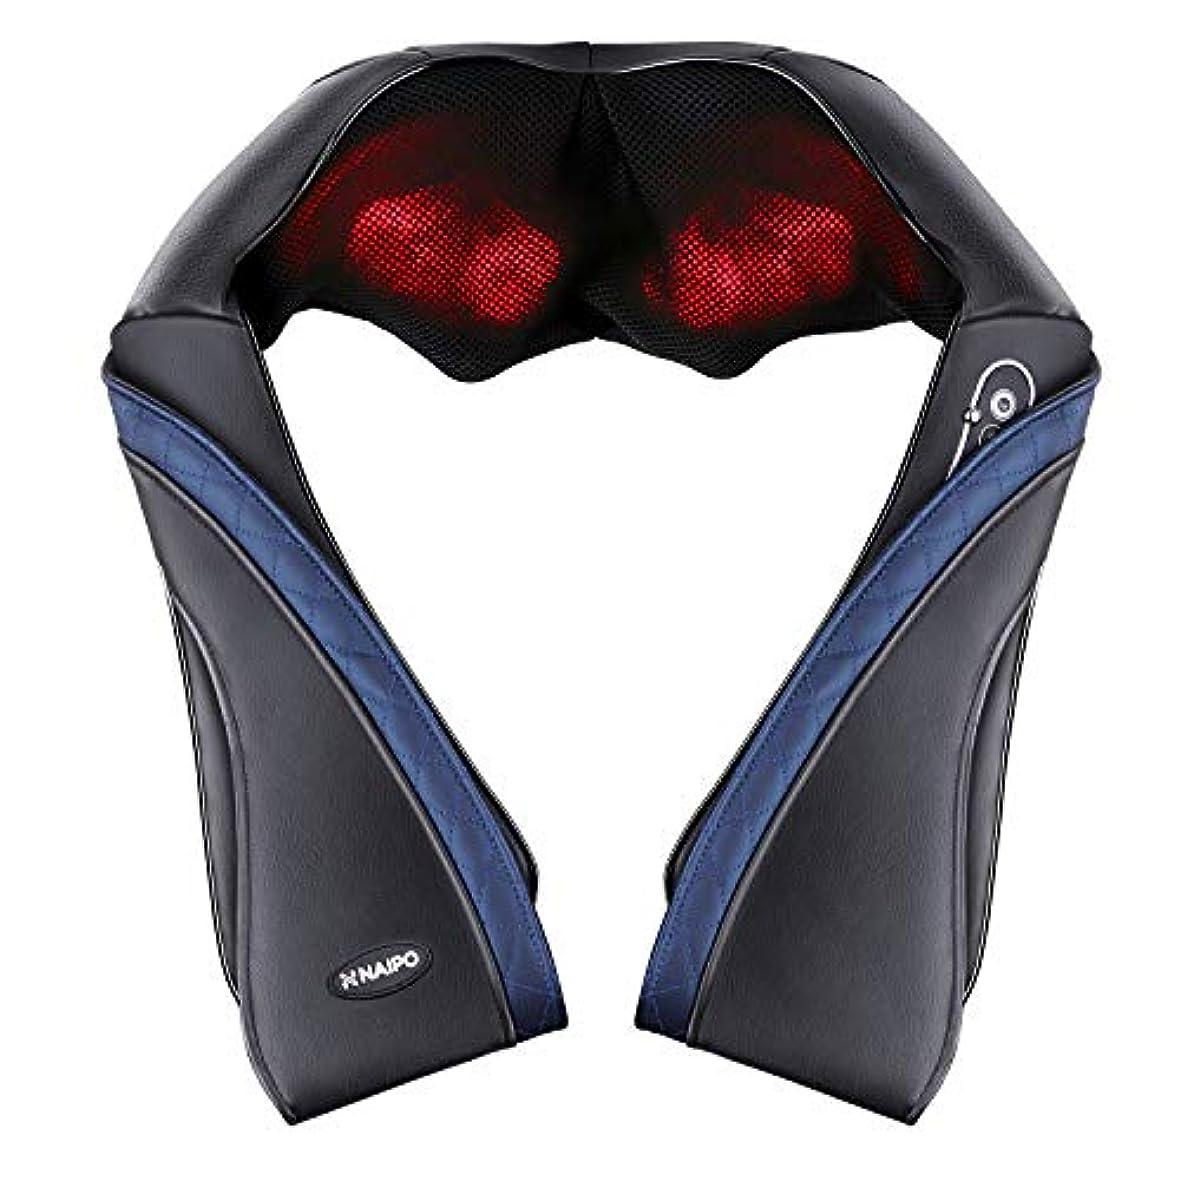 懸念水分制裁Naipo 首マッサージャー ネック・ショルダーマッサージ 器 ヒーター付き 首・肩・腰・背中・太もも 肩こり ストレス解消 家庭用&職場用&車用 温熱療法